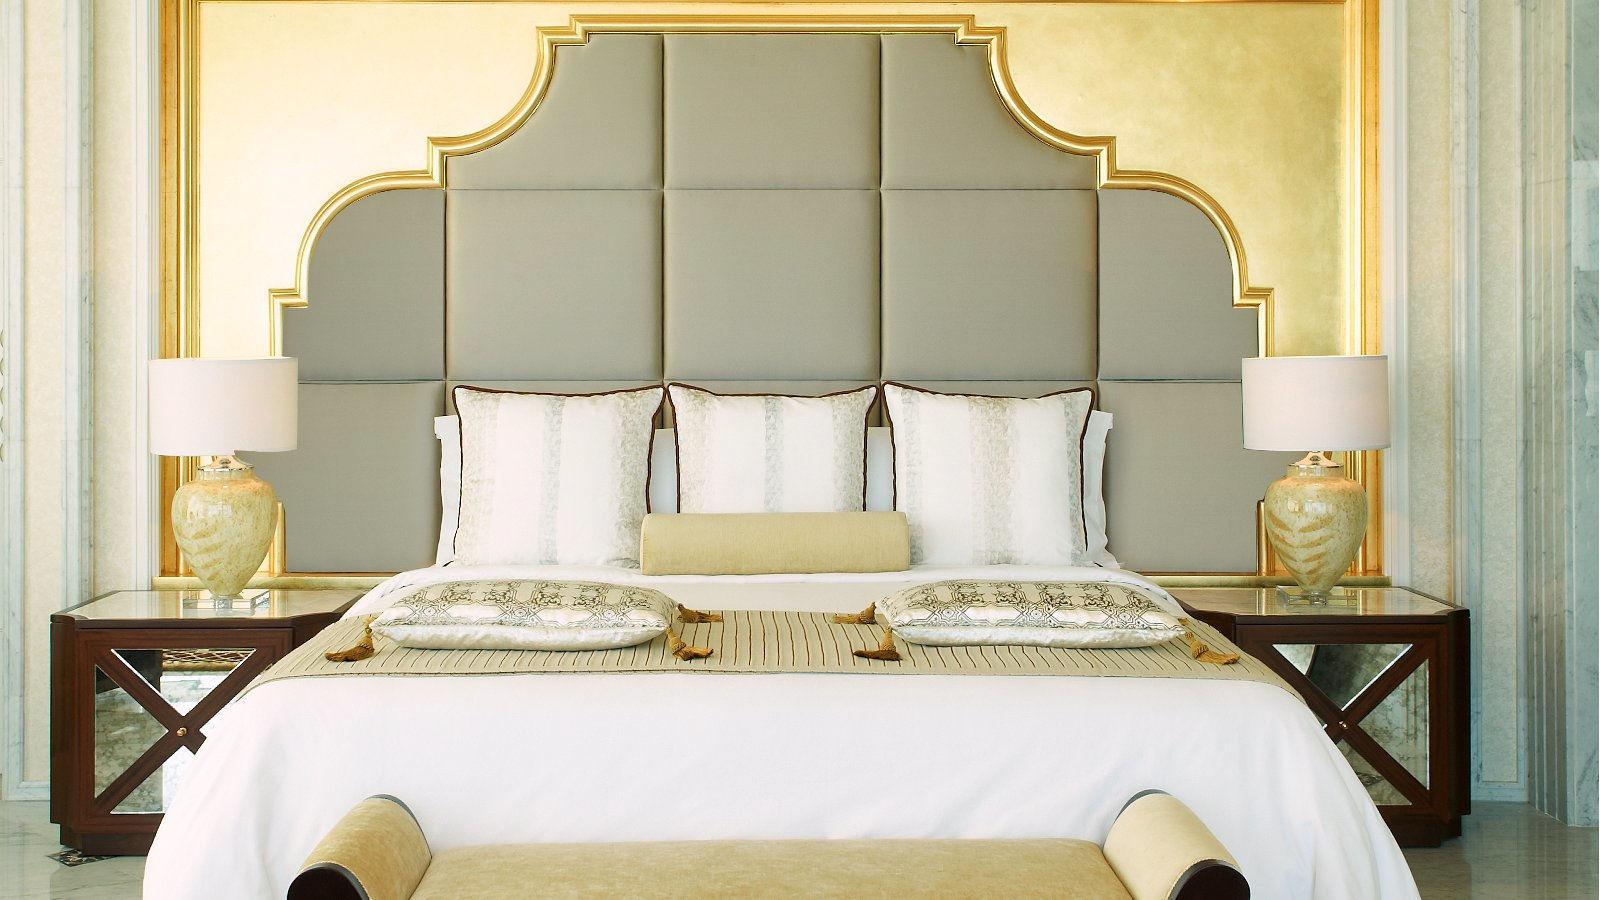 The St. Regis Abu Dhabi Luxury Hotel – Abu Dhabi, United Arab Emirates – Al Hosen Suite Bedroom